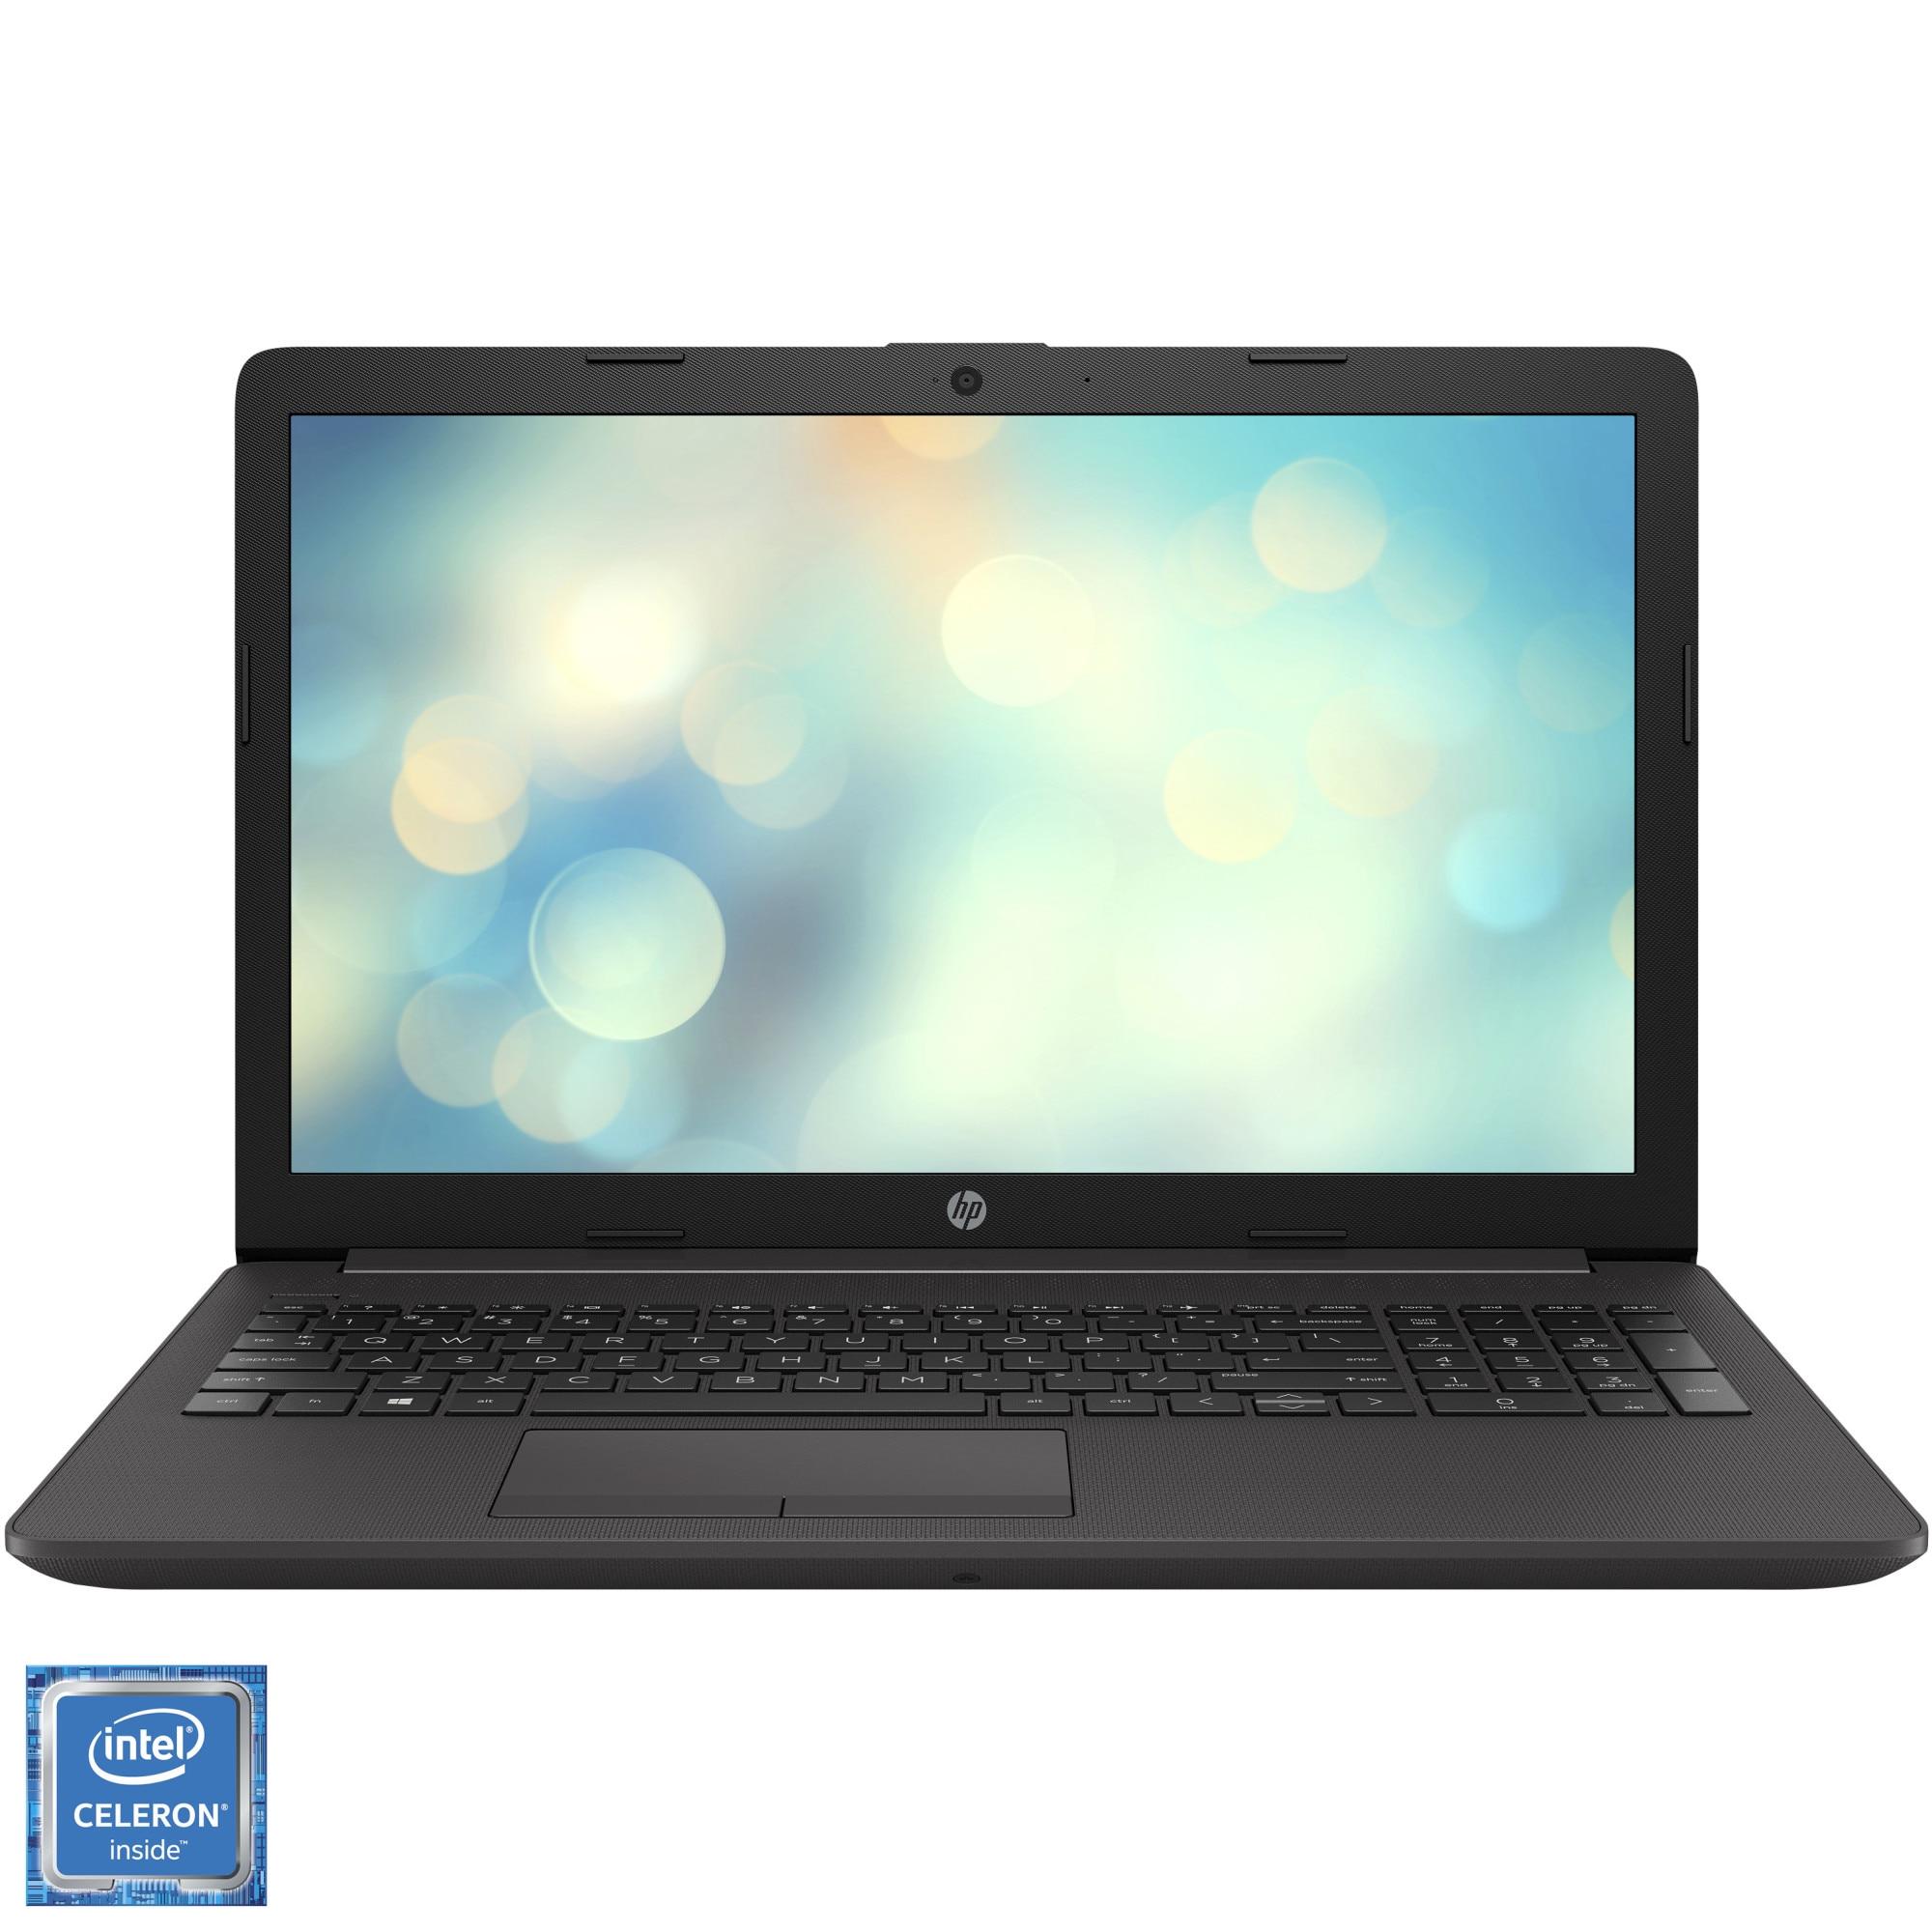 """Fotografie Laptop HP 250 G7 cu procesor Intel® Celeron® N4020 pana la 2.80 GHz, 15.6"""", HD, 4GB, 500GB HDD, DVD-RW, Free DOS, Dark ash silver"""